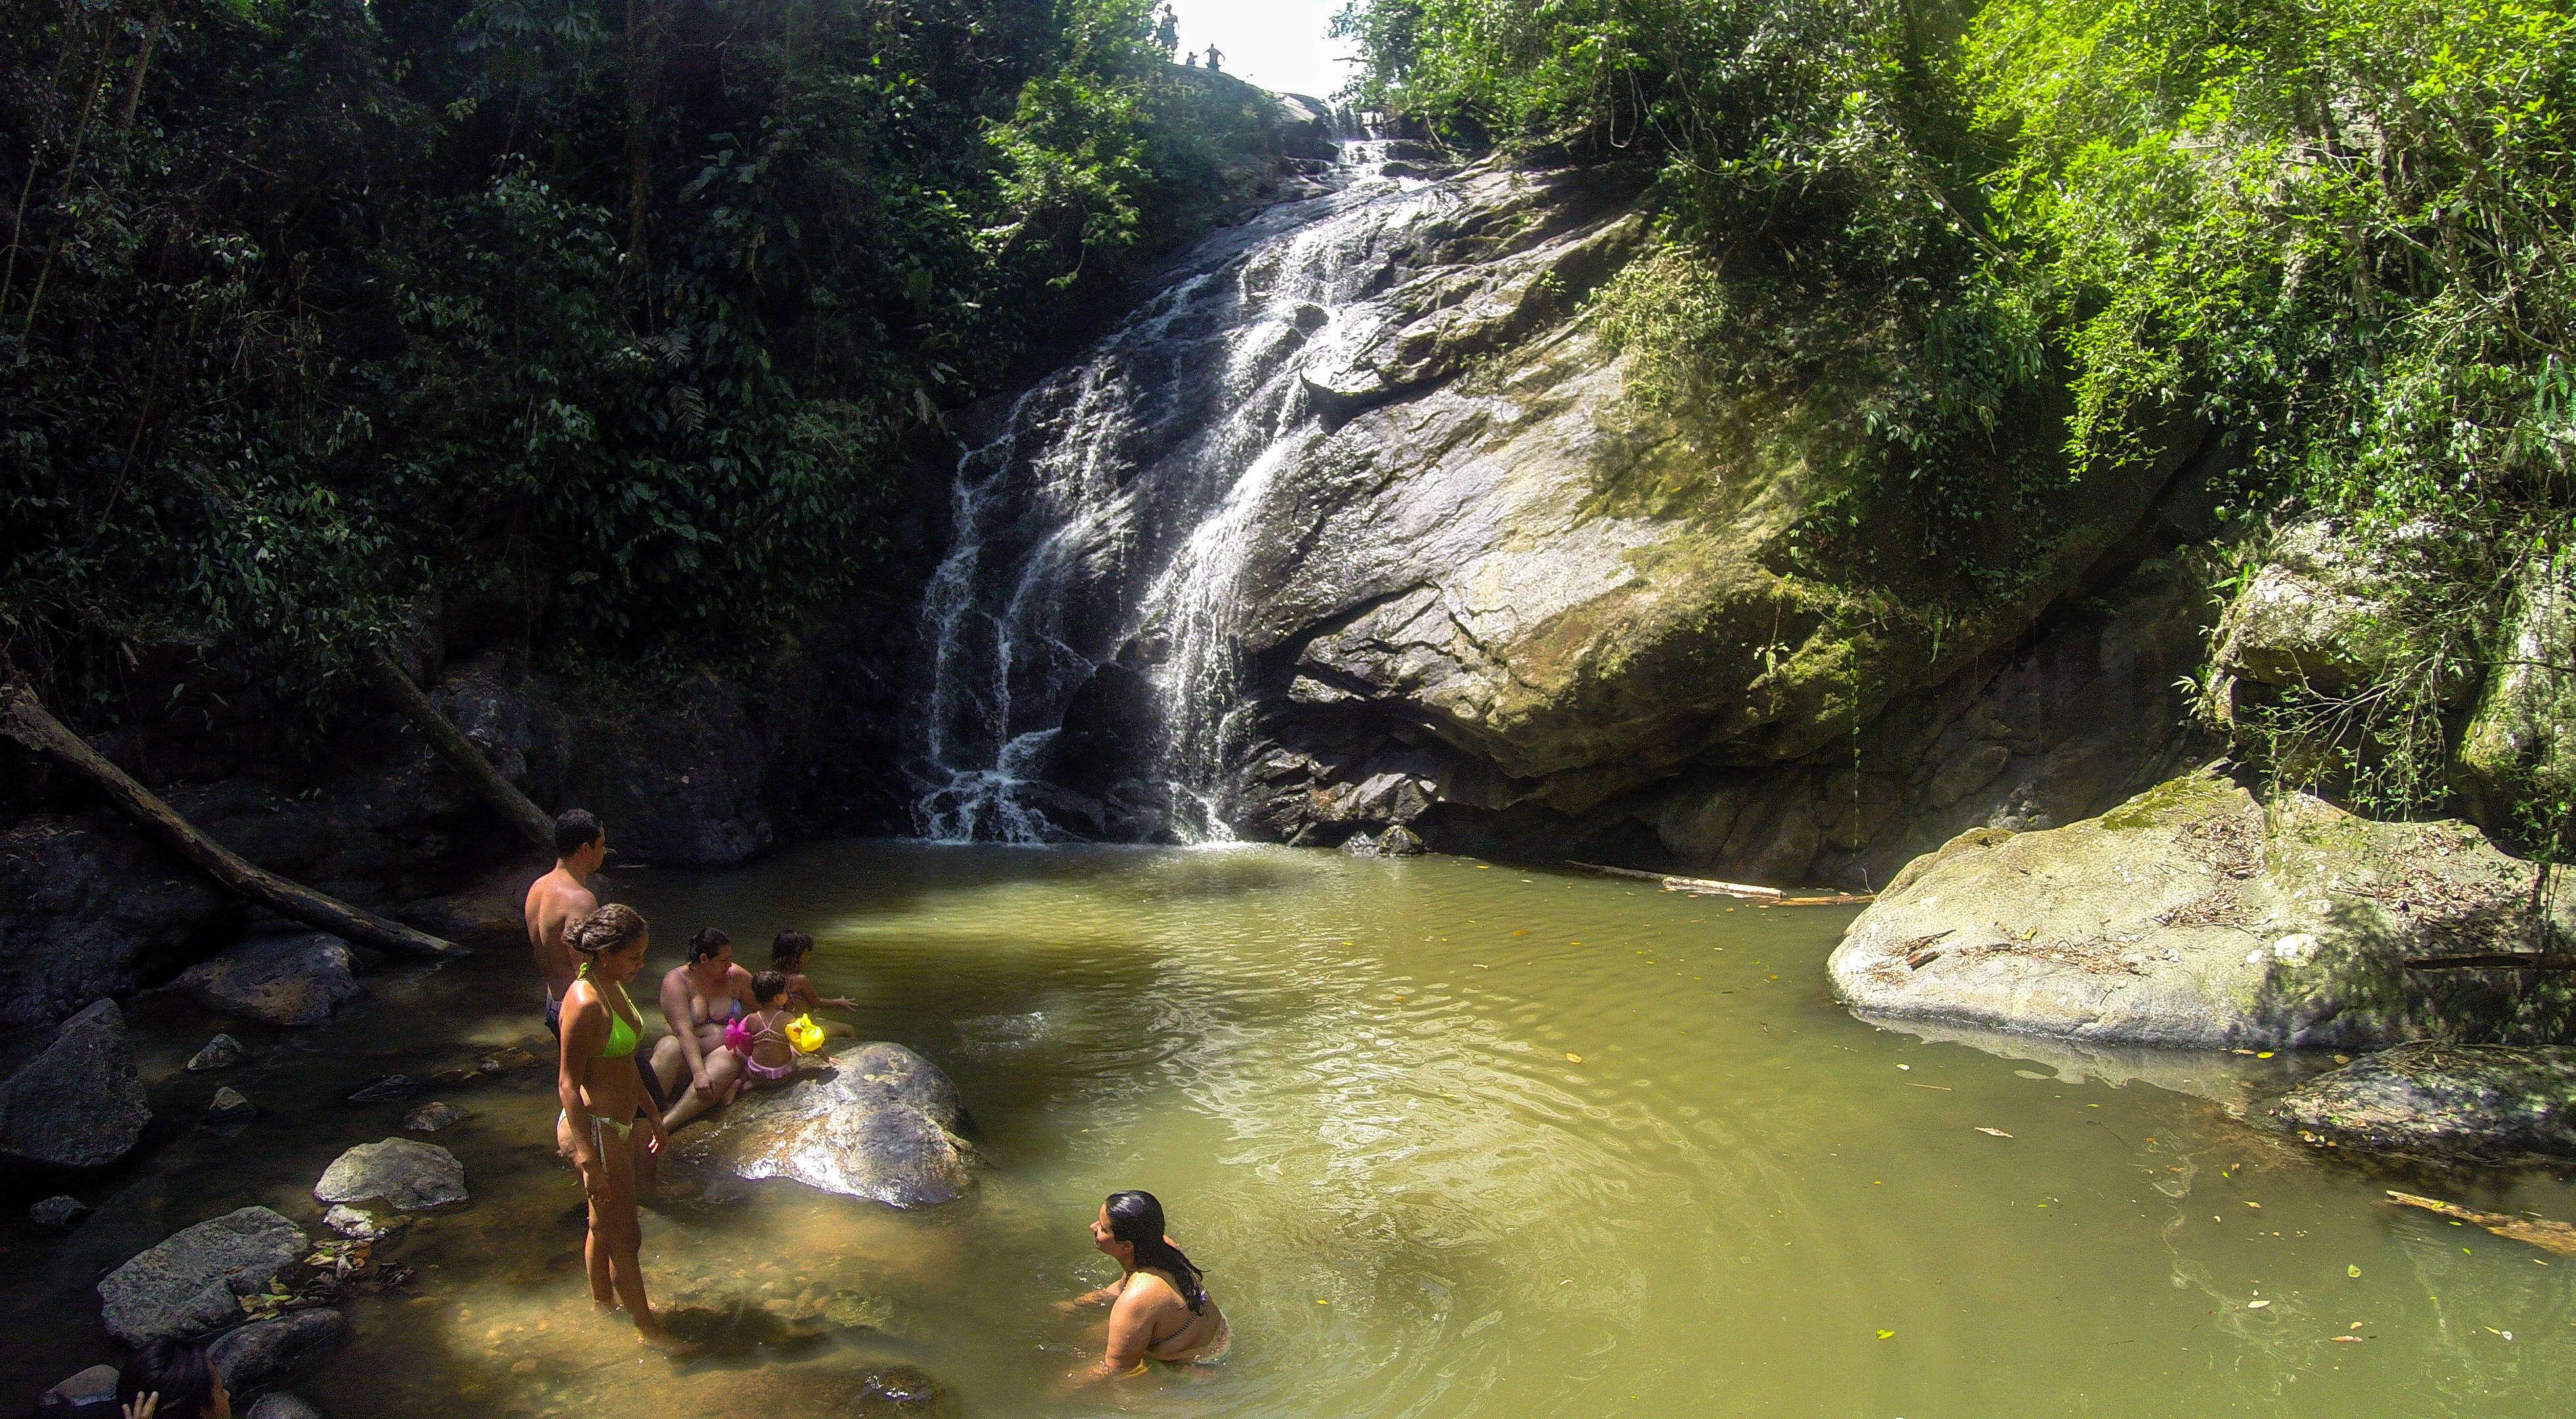 cachoeira-da-serra-do-mendanha-vamos-trilhar